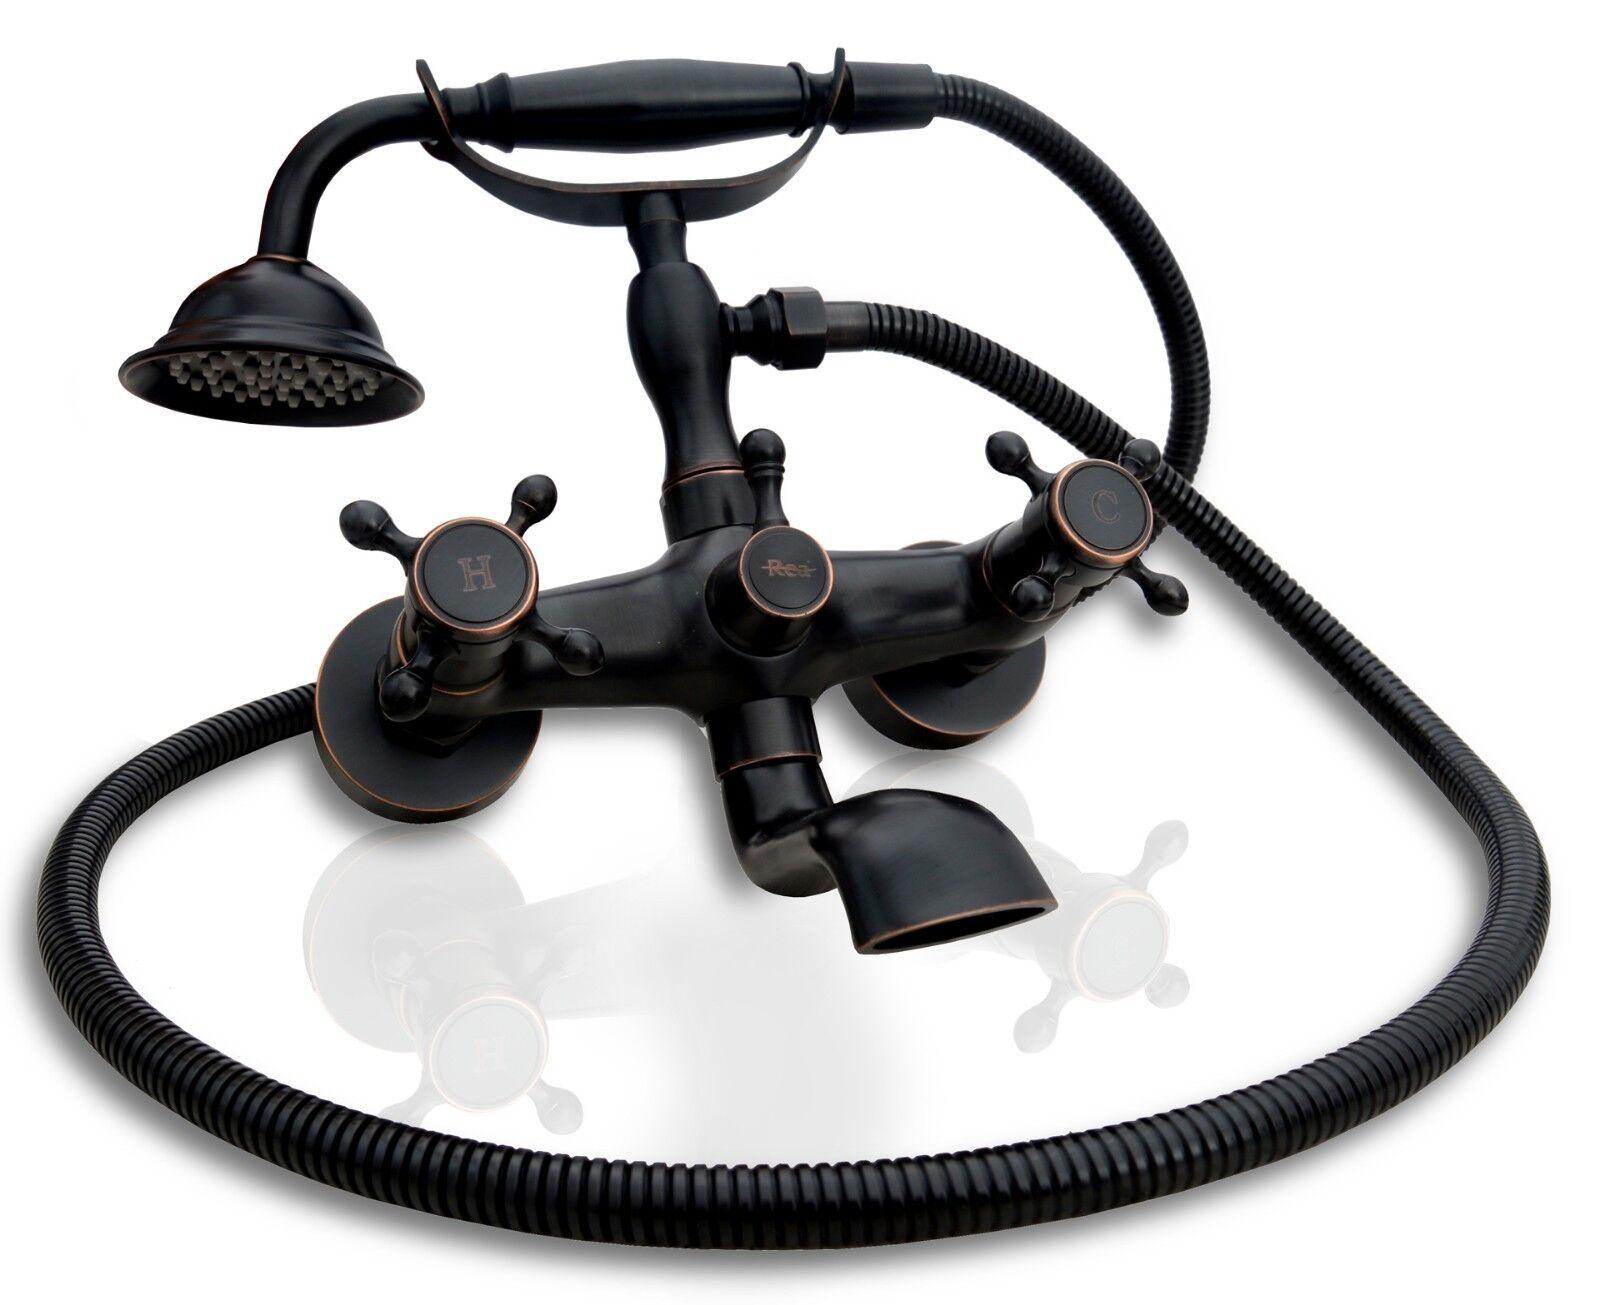 Baignoire Robinet Rétro Noir Robinet s'adapte à chaque salle de bain Wall hung